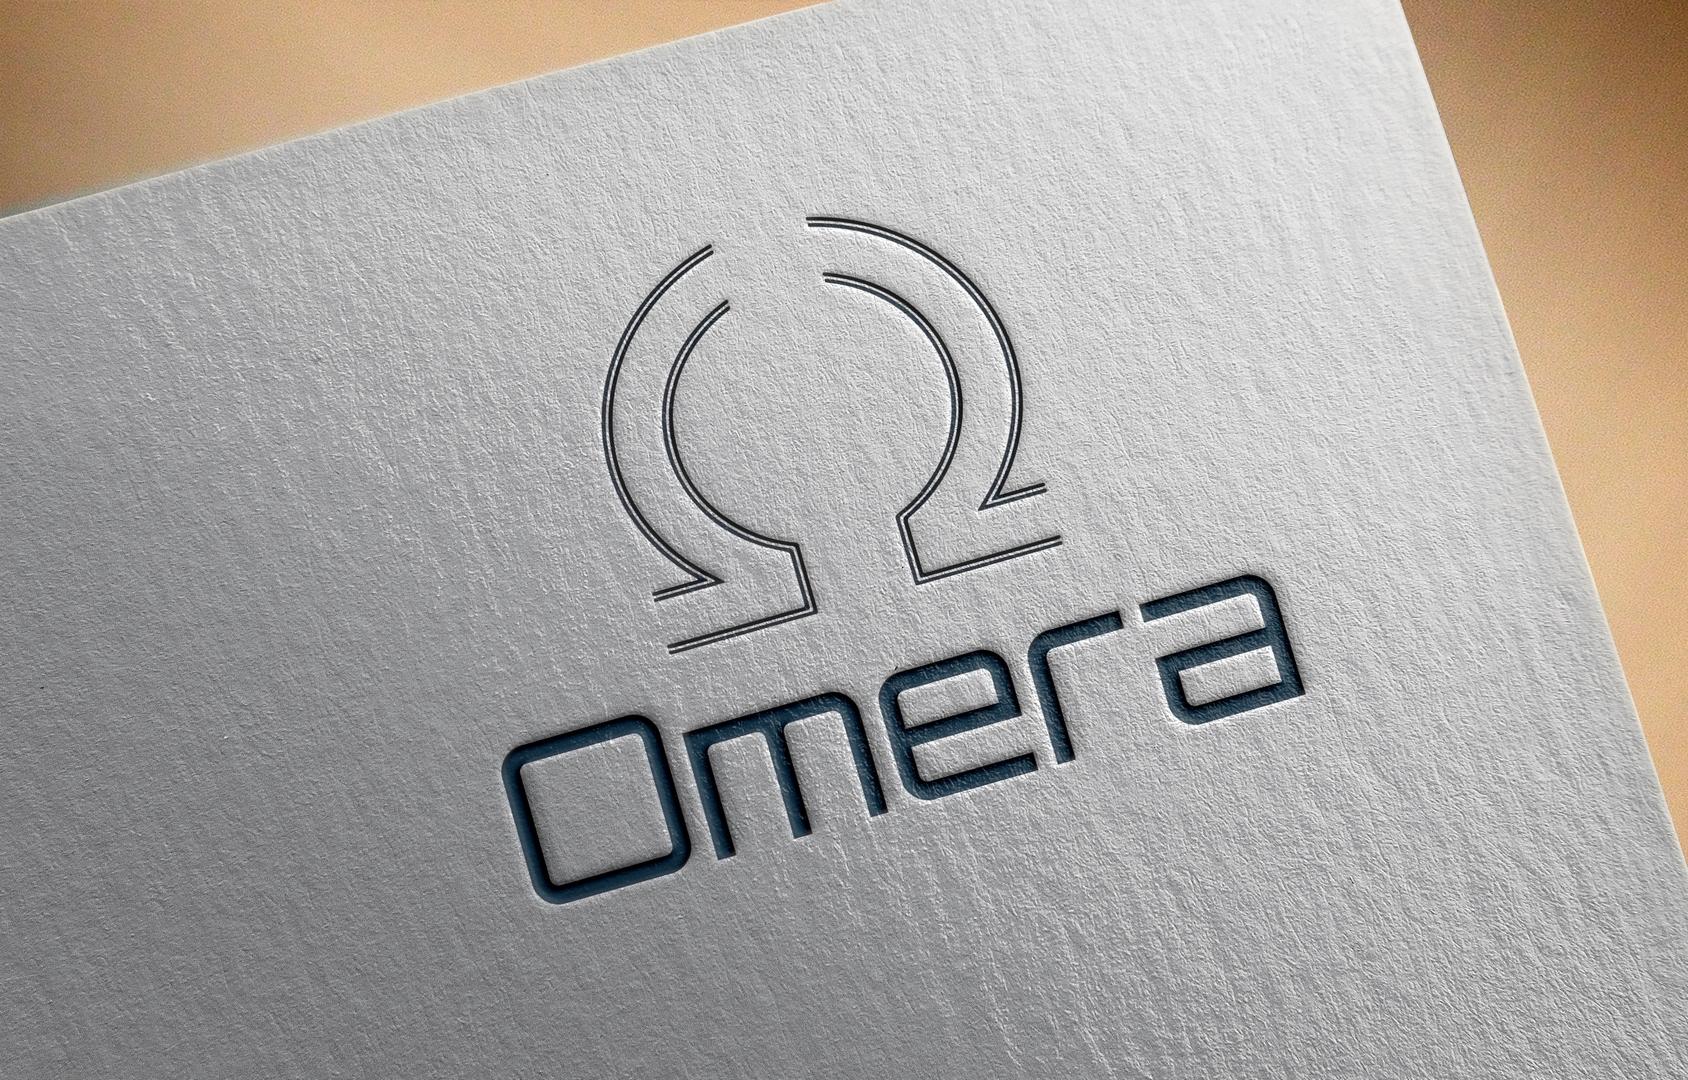 Придумать концепцию логотипа группы компаний фото f_2415b6dad4ec5f27.jpg